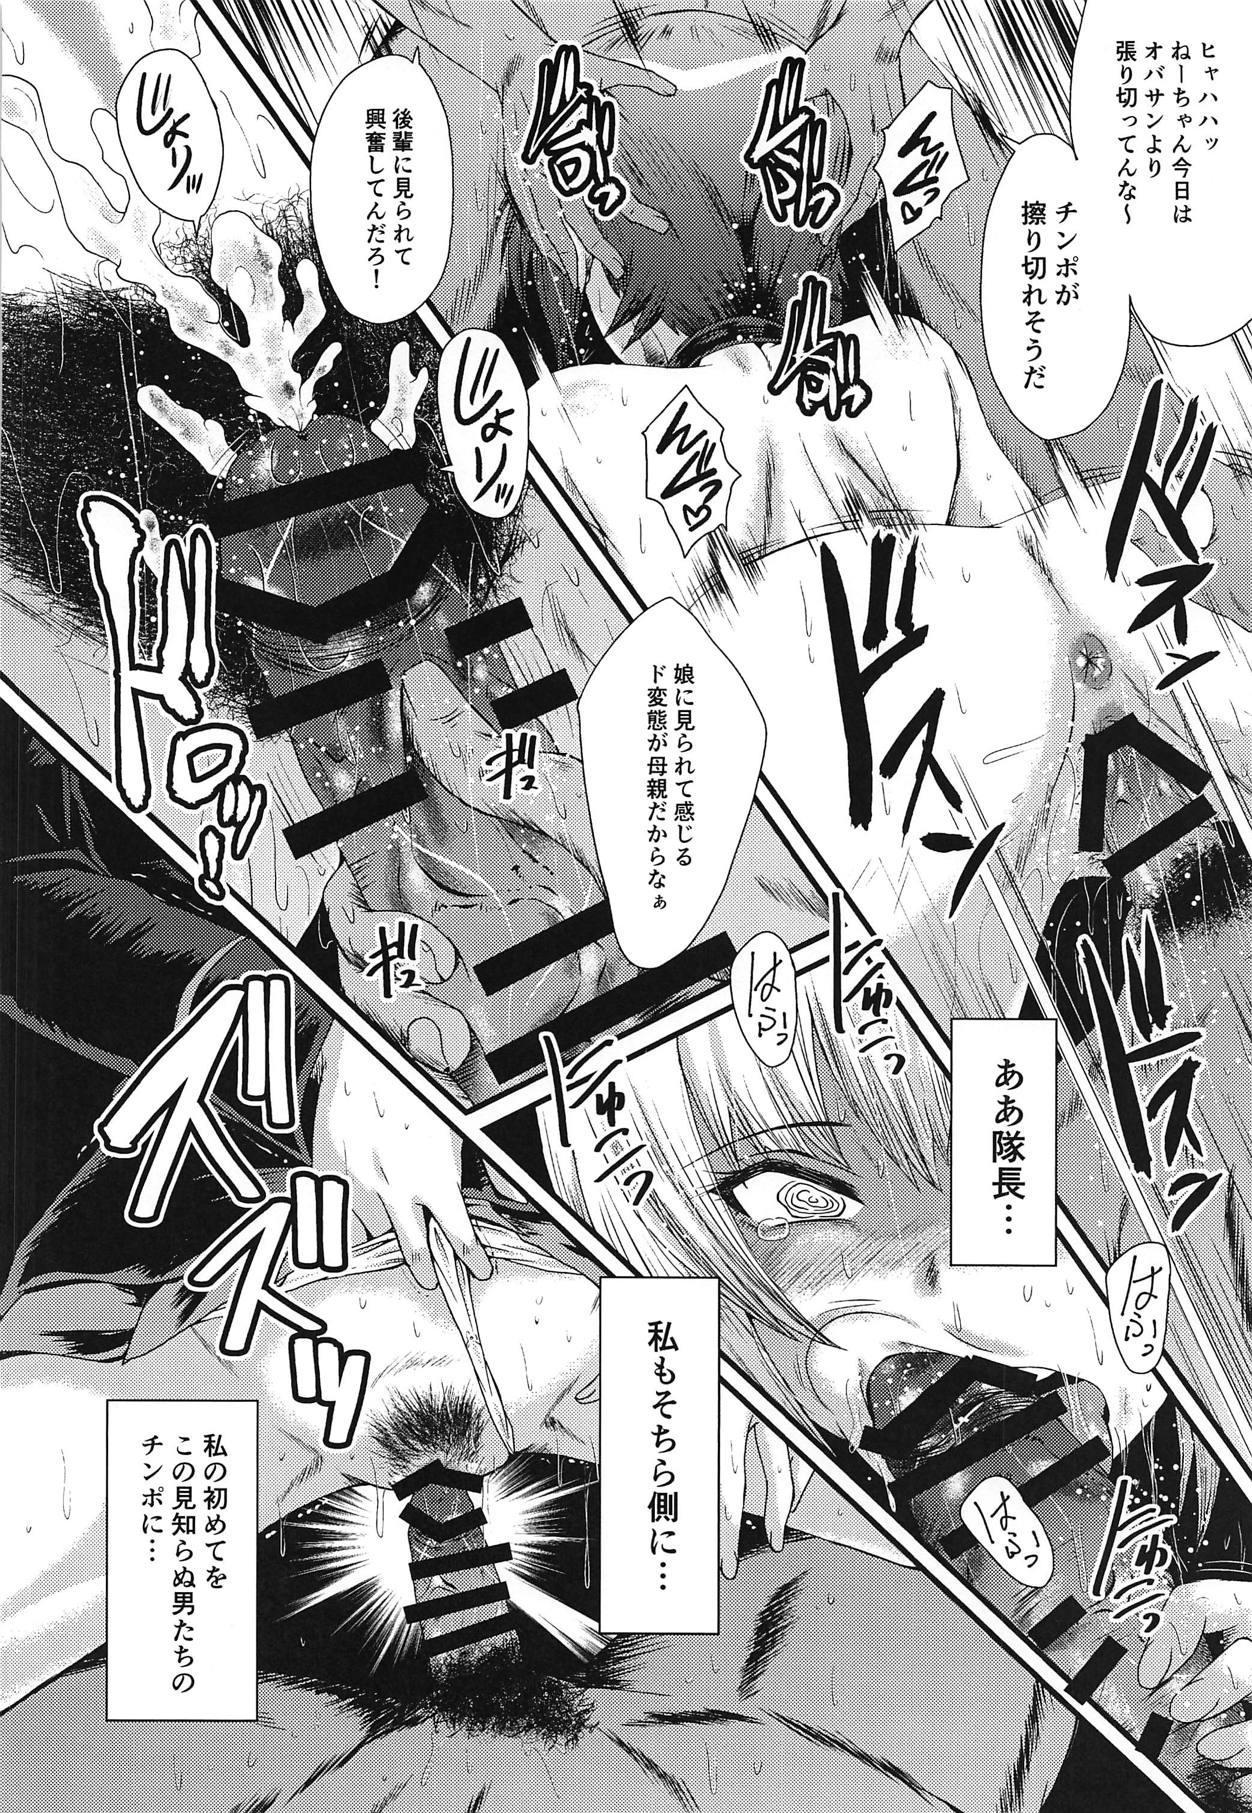 Urabambi Vol. 58 Genfuku Taichou o Seiteki ni Yorokobasechau Hon 14